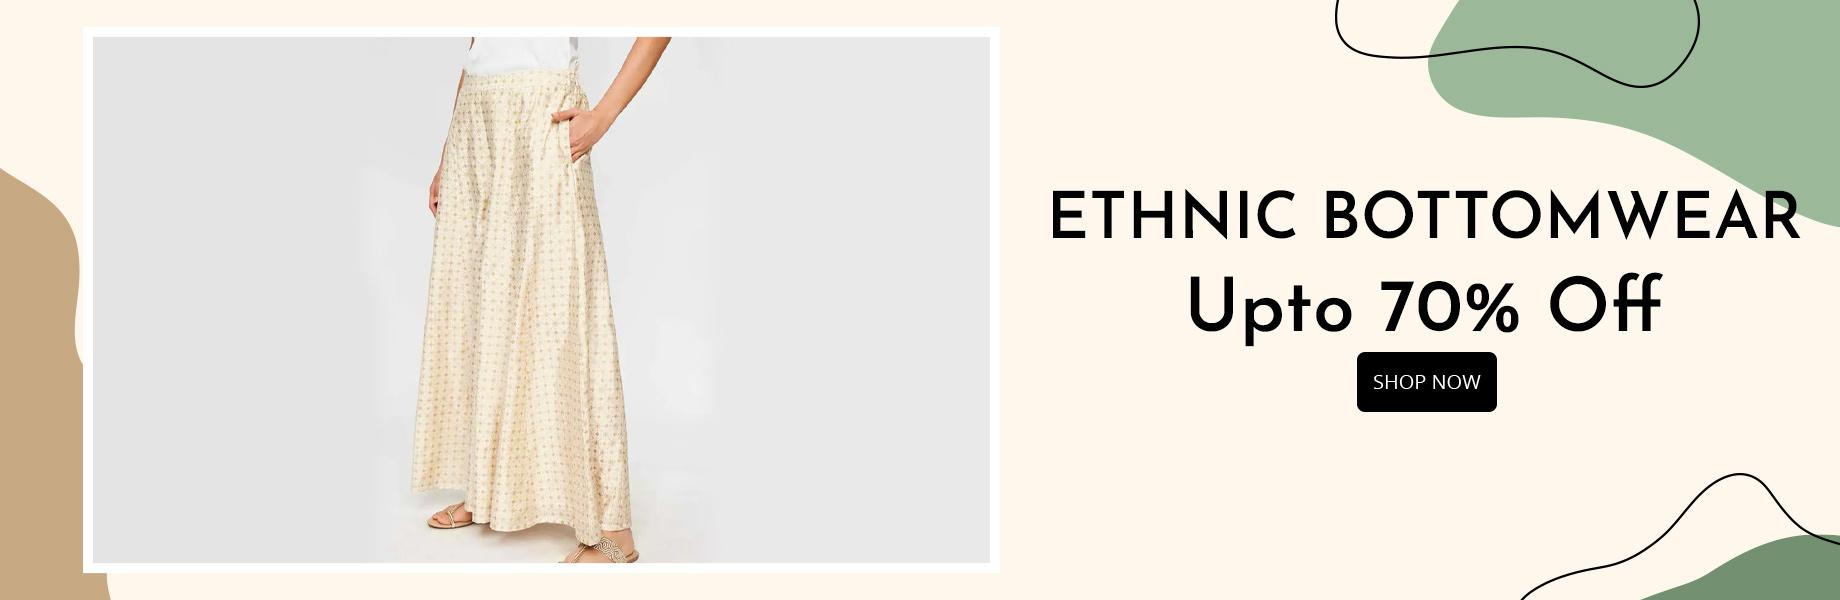 Womens-Page-Ethnic-Wear-Static-Ethnic-Bottomwear-Web.jpg